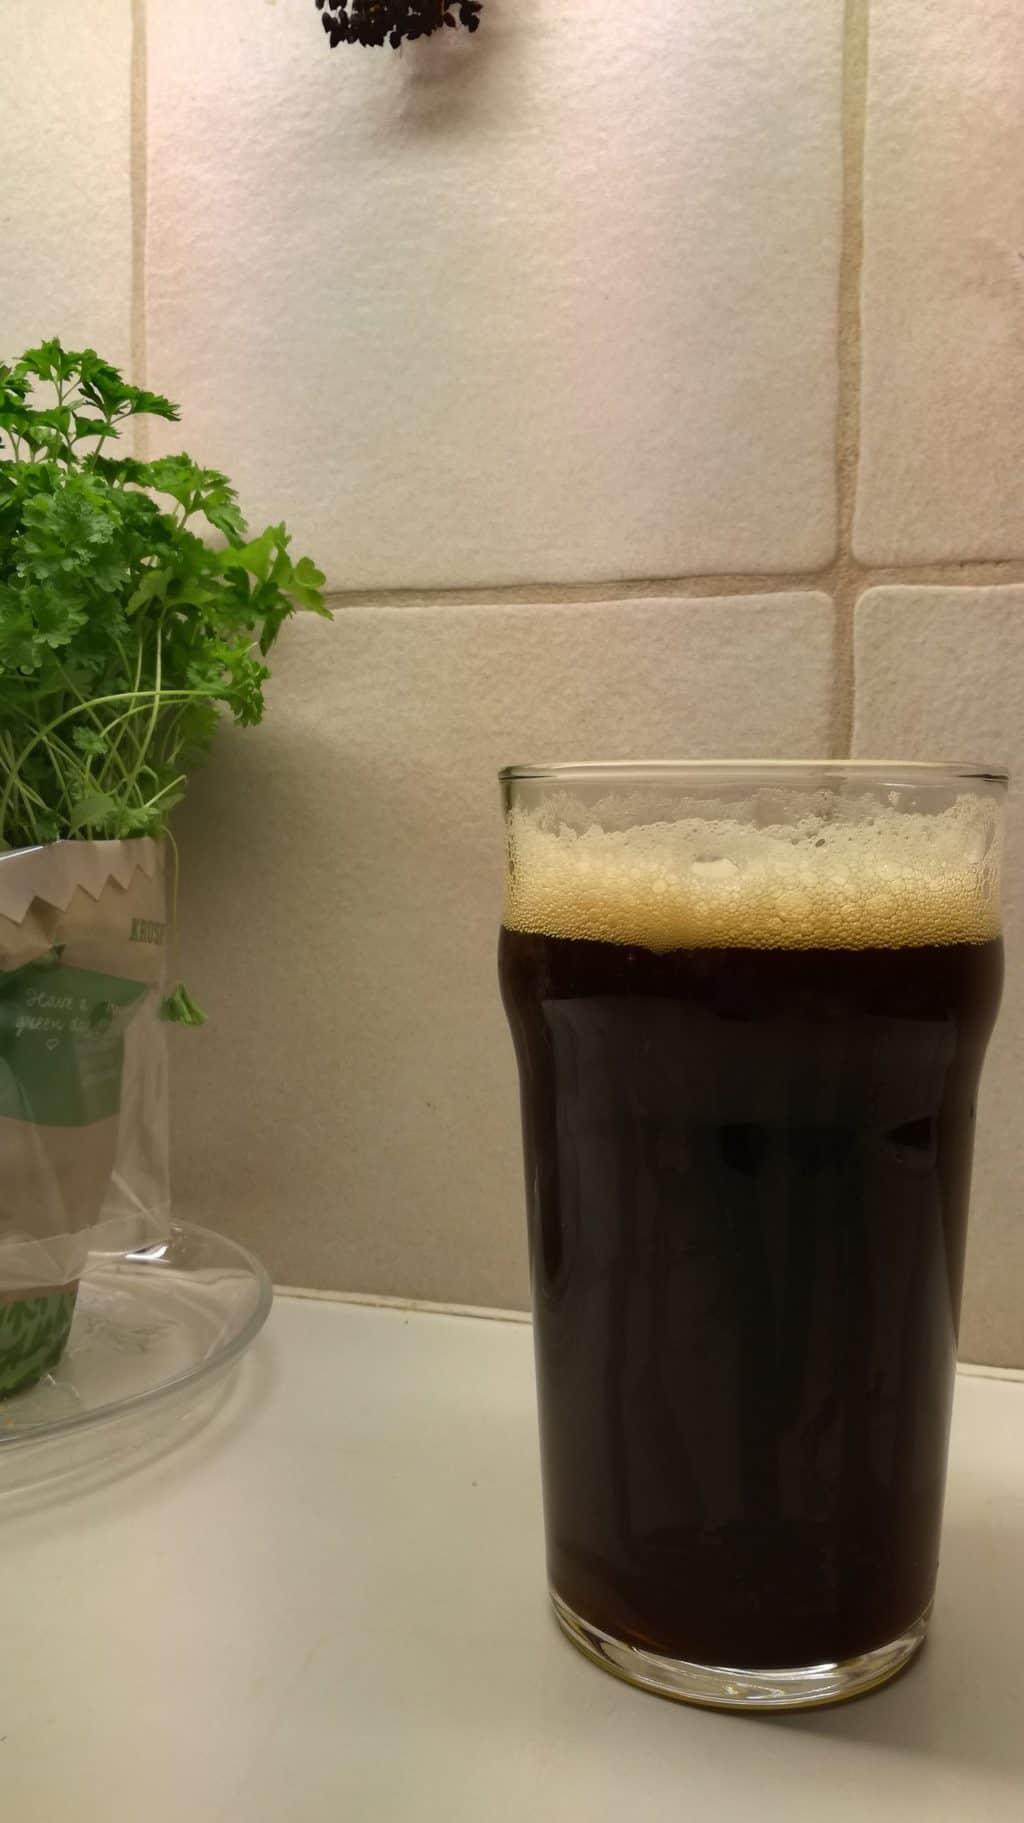 ett glas öl och en kruka persilja